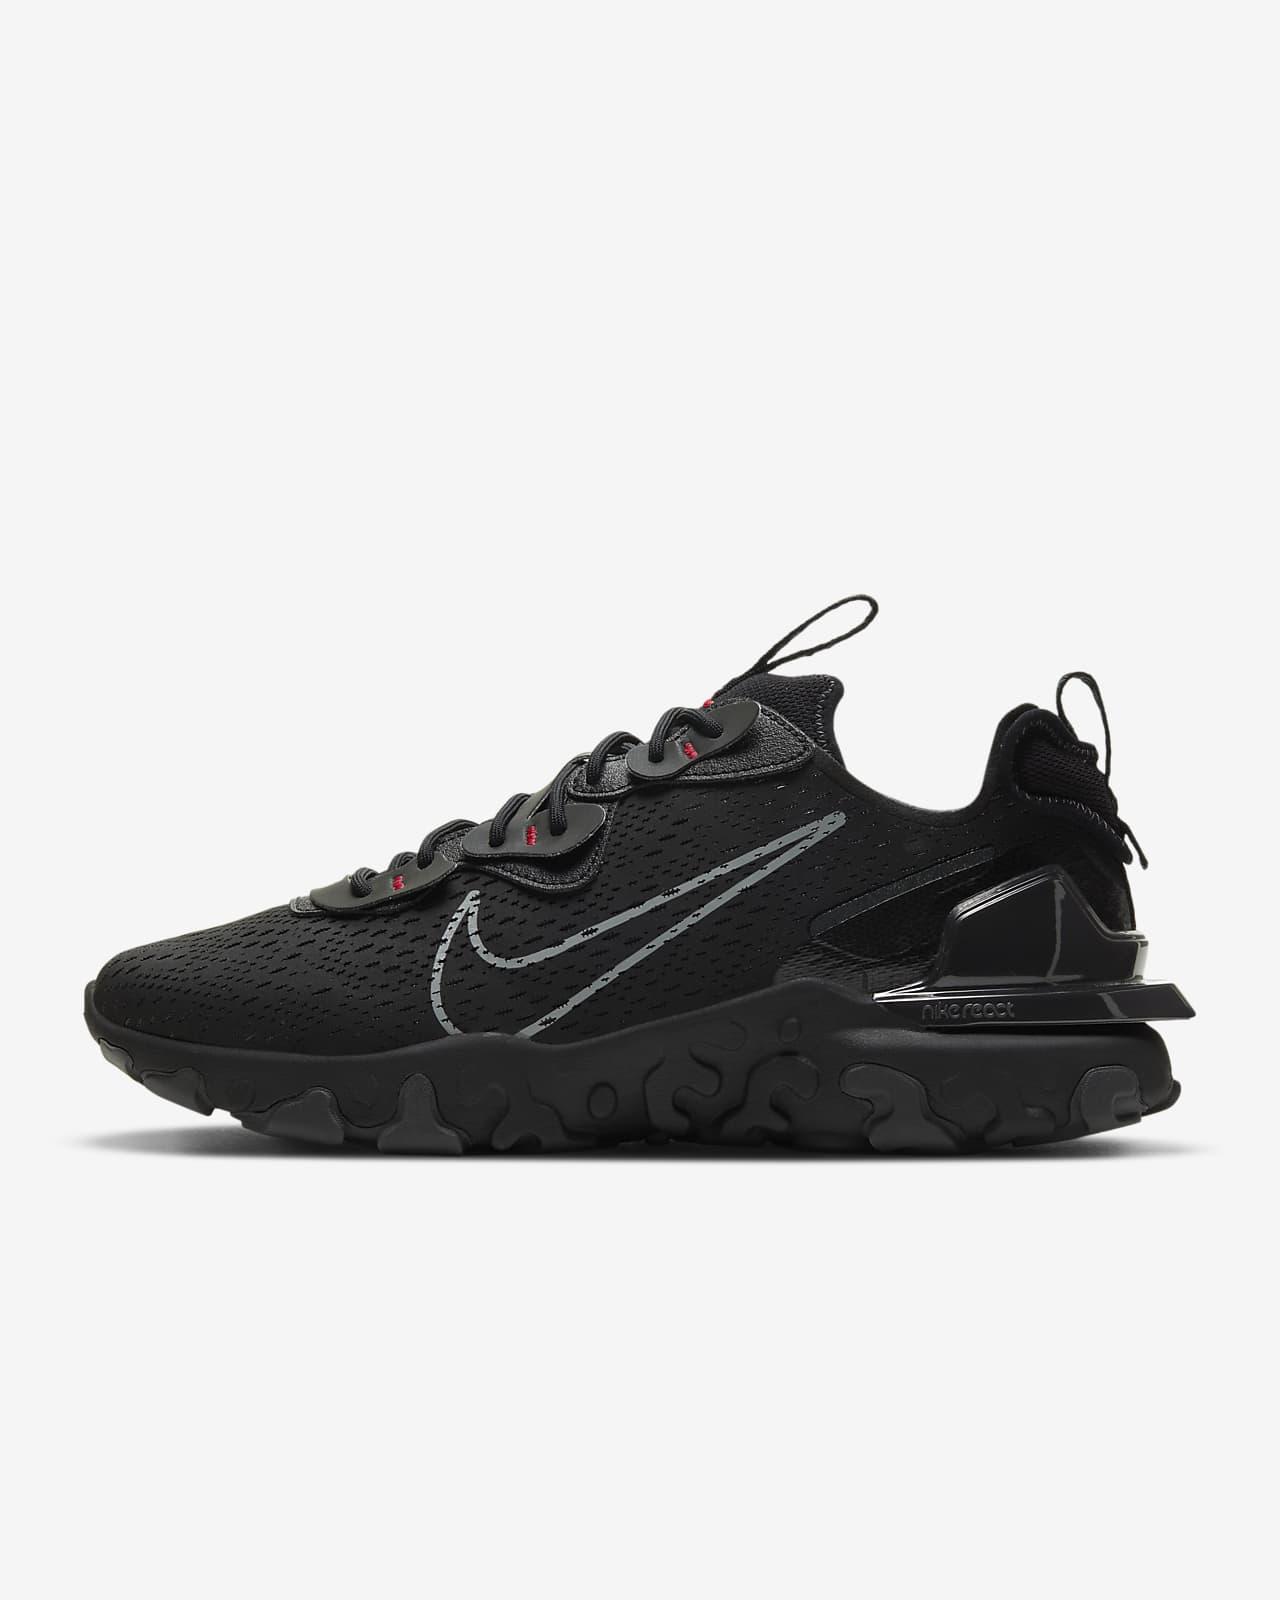 Pánská bota Nike React Vision